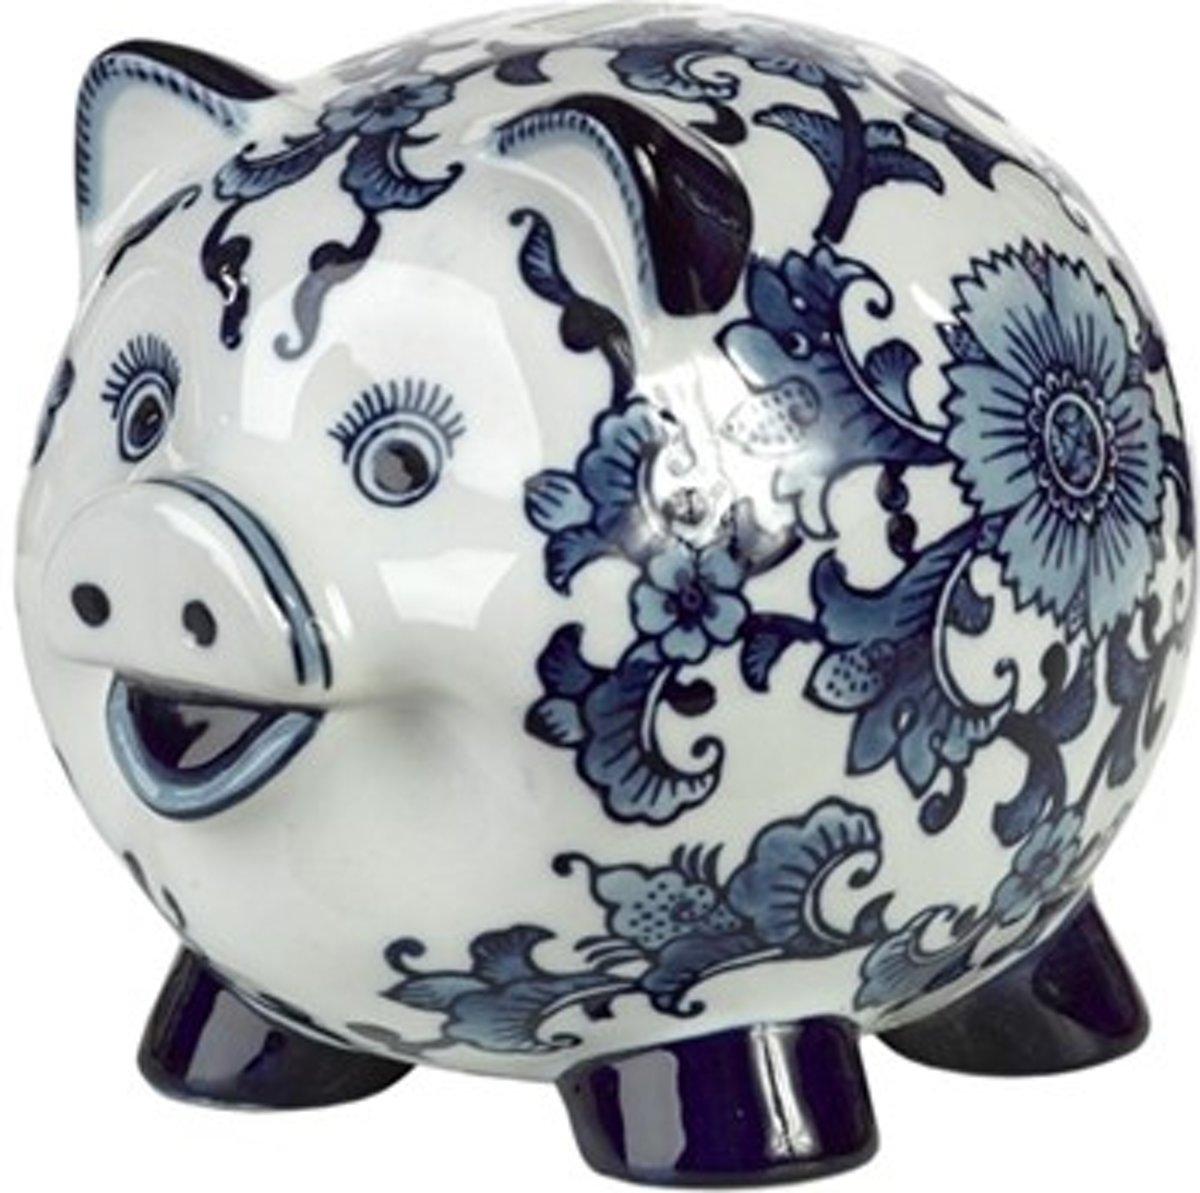 Pols Potten Piggy Bank - Spaarpot - Wit